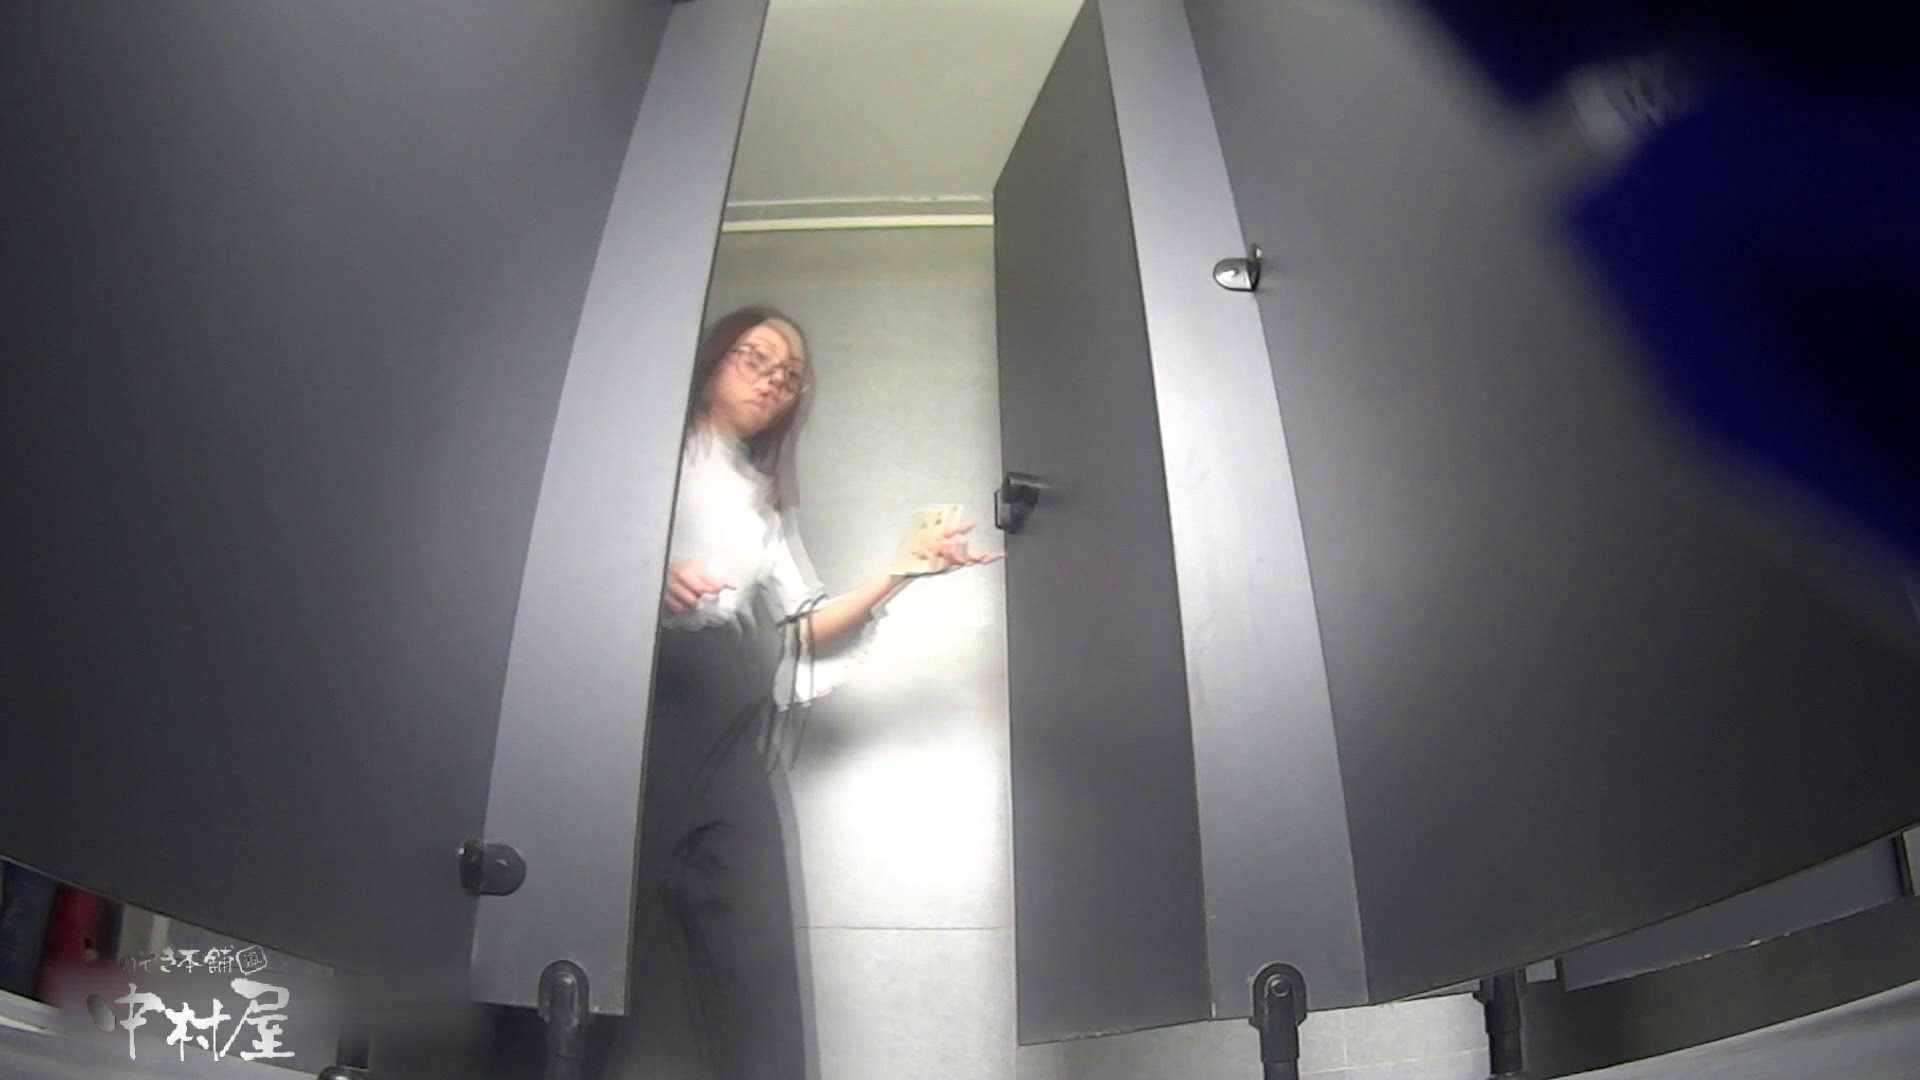 ツンデレお女市さんのトイレ事情 大学休憩時間の洗面所事情32 盗撮 | 洗面所  55pic 11